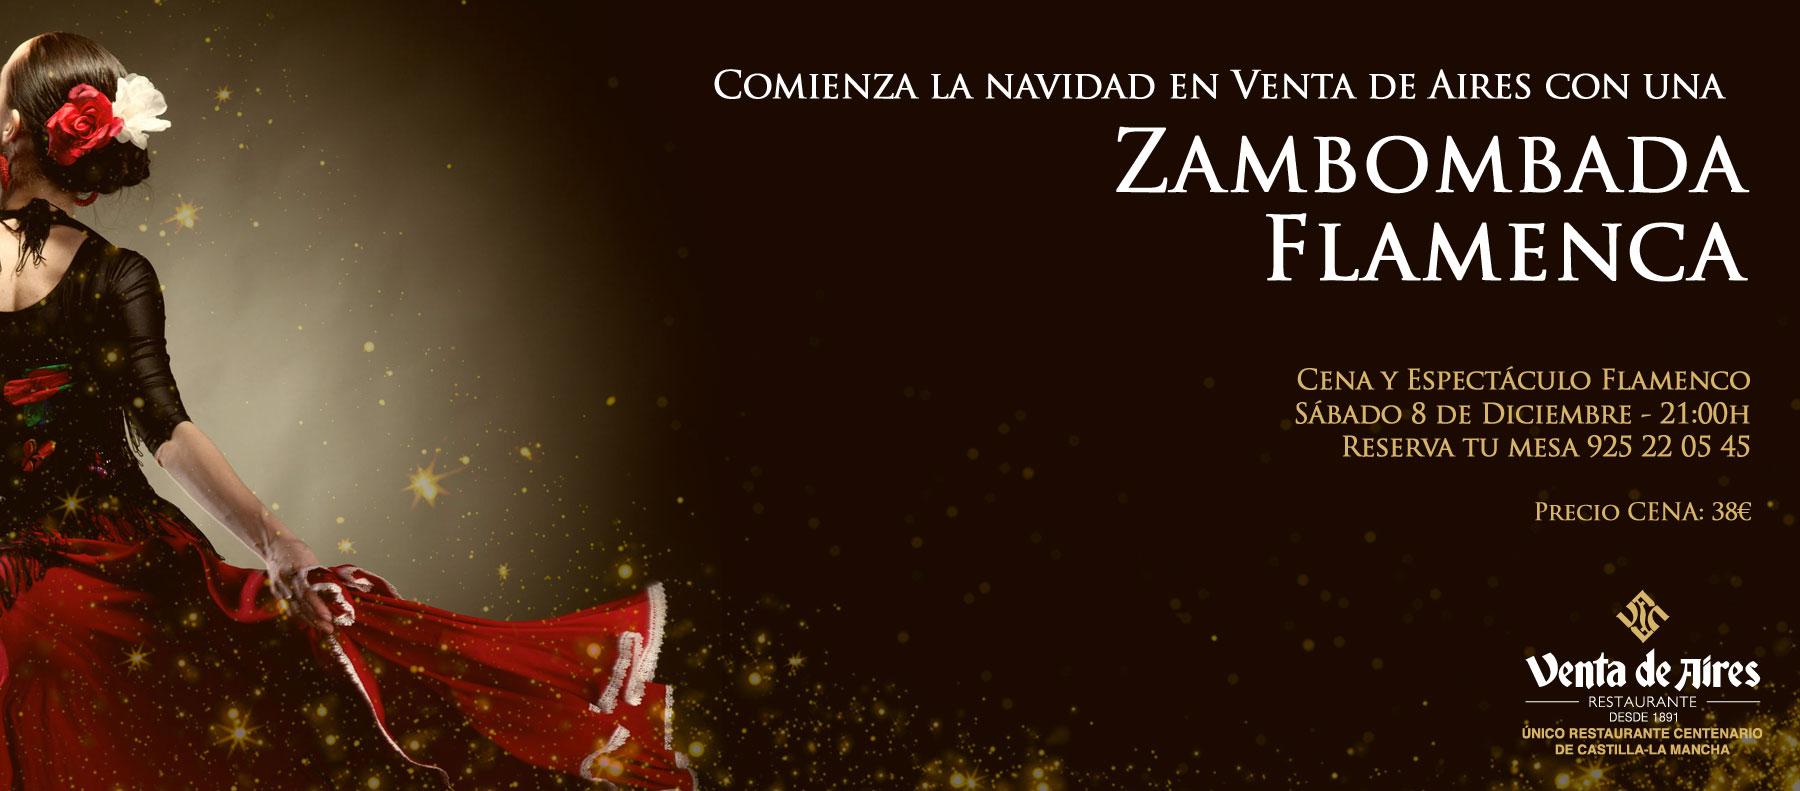 Zambombada flamenca en Venta de Aires Toledo